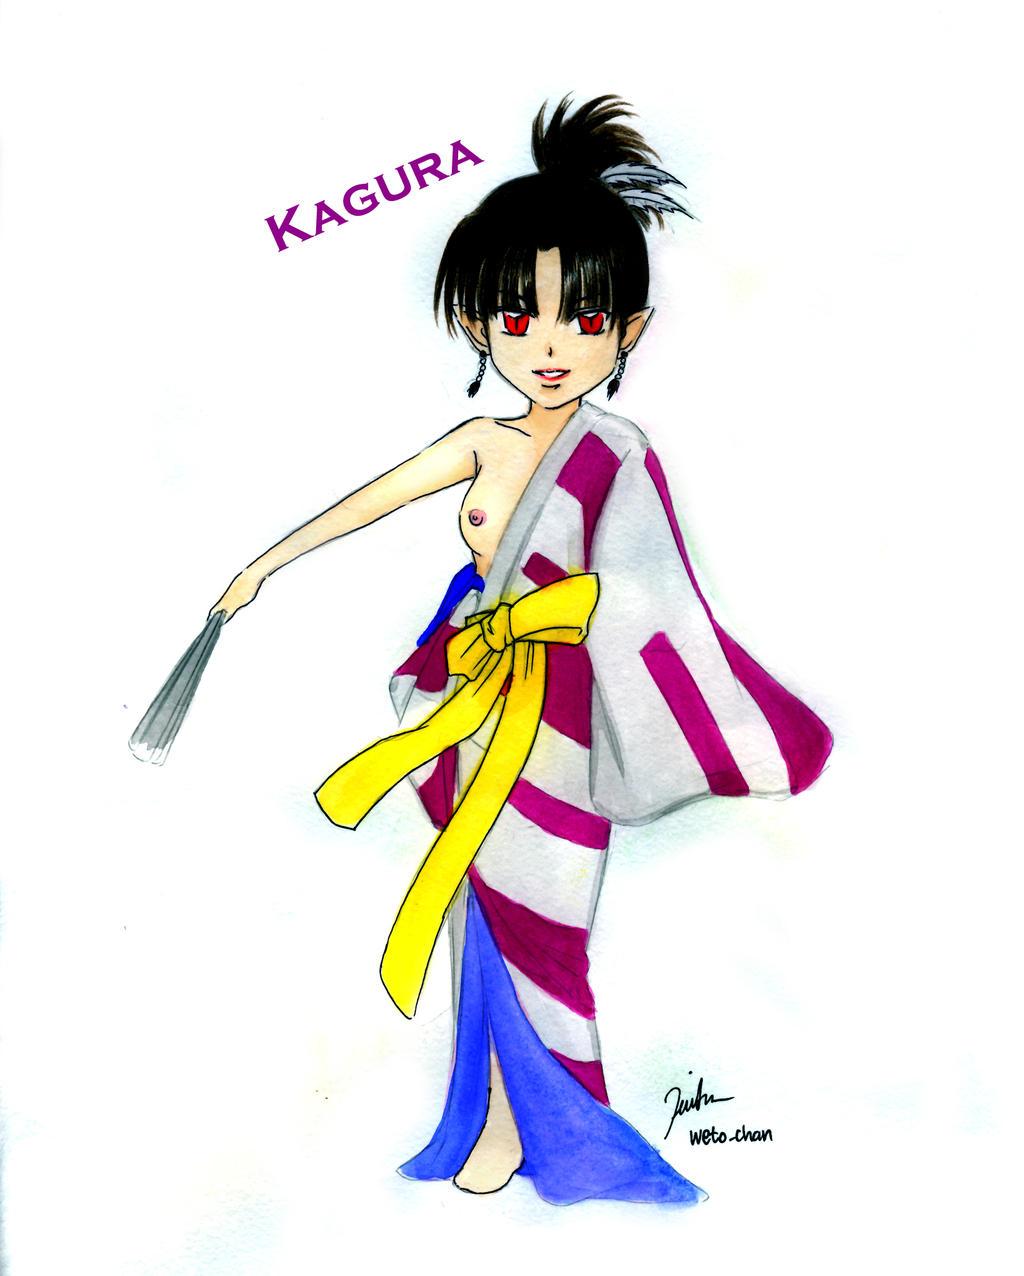 Chibi Kagura From Inuyasha By Wetochan ShizNat4EVER